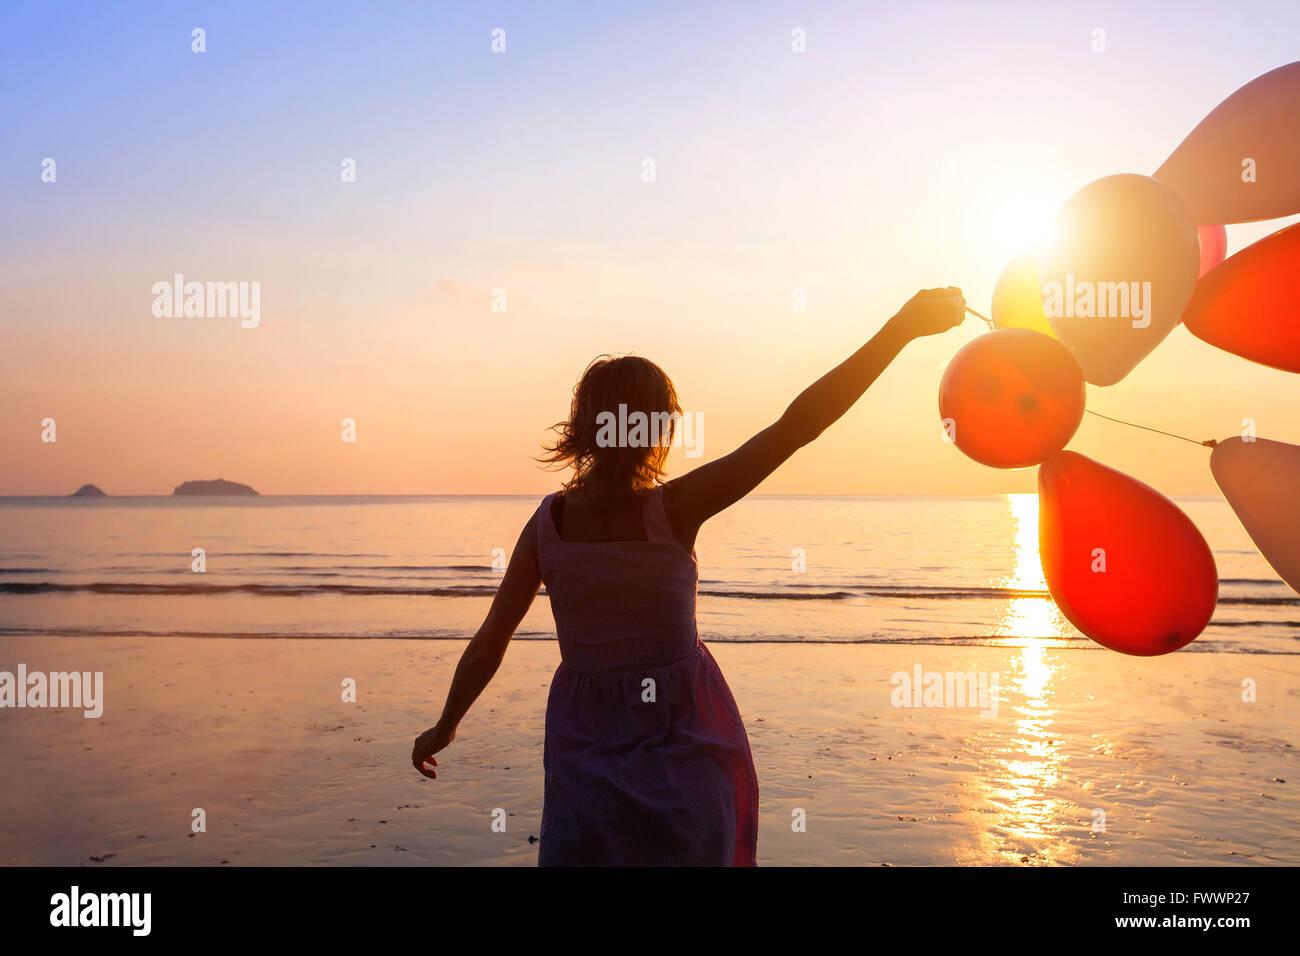 Glück-Konzept, fröhliches Mädchen mit bunten Luftballons, Freude und positive Emotionen Stockbild